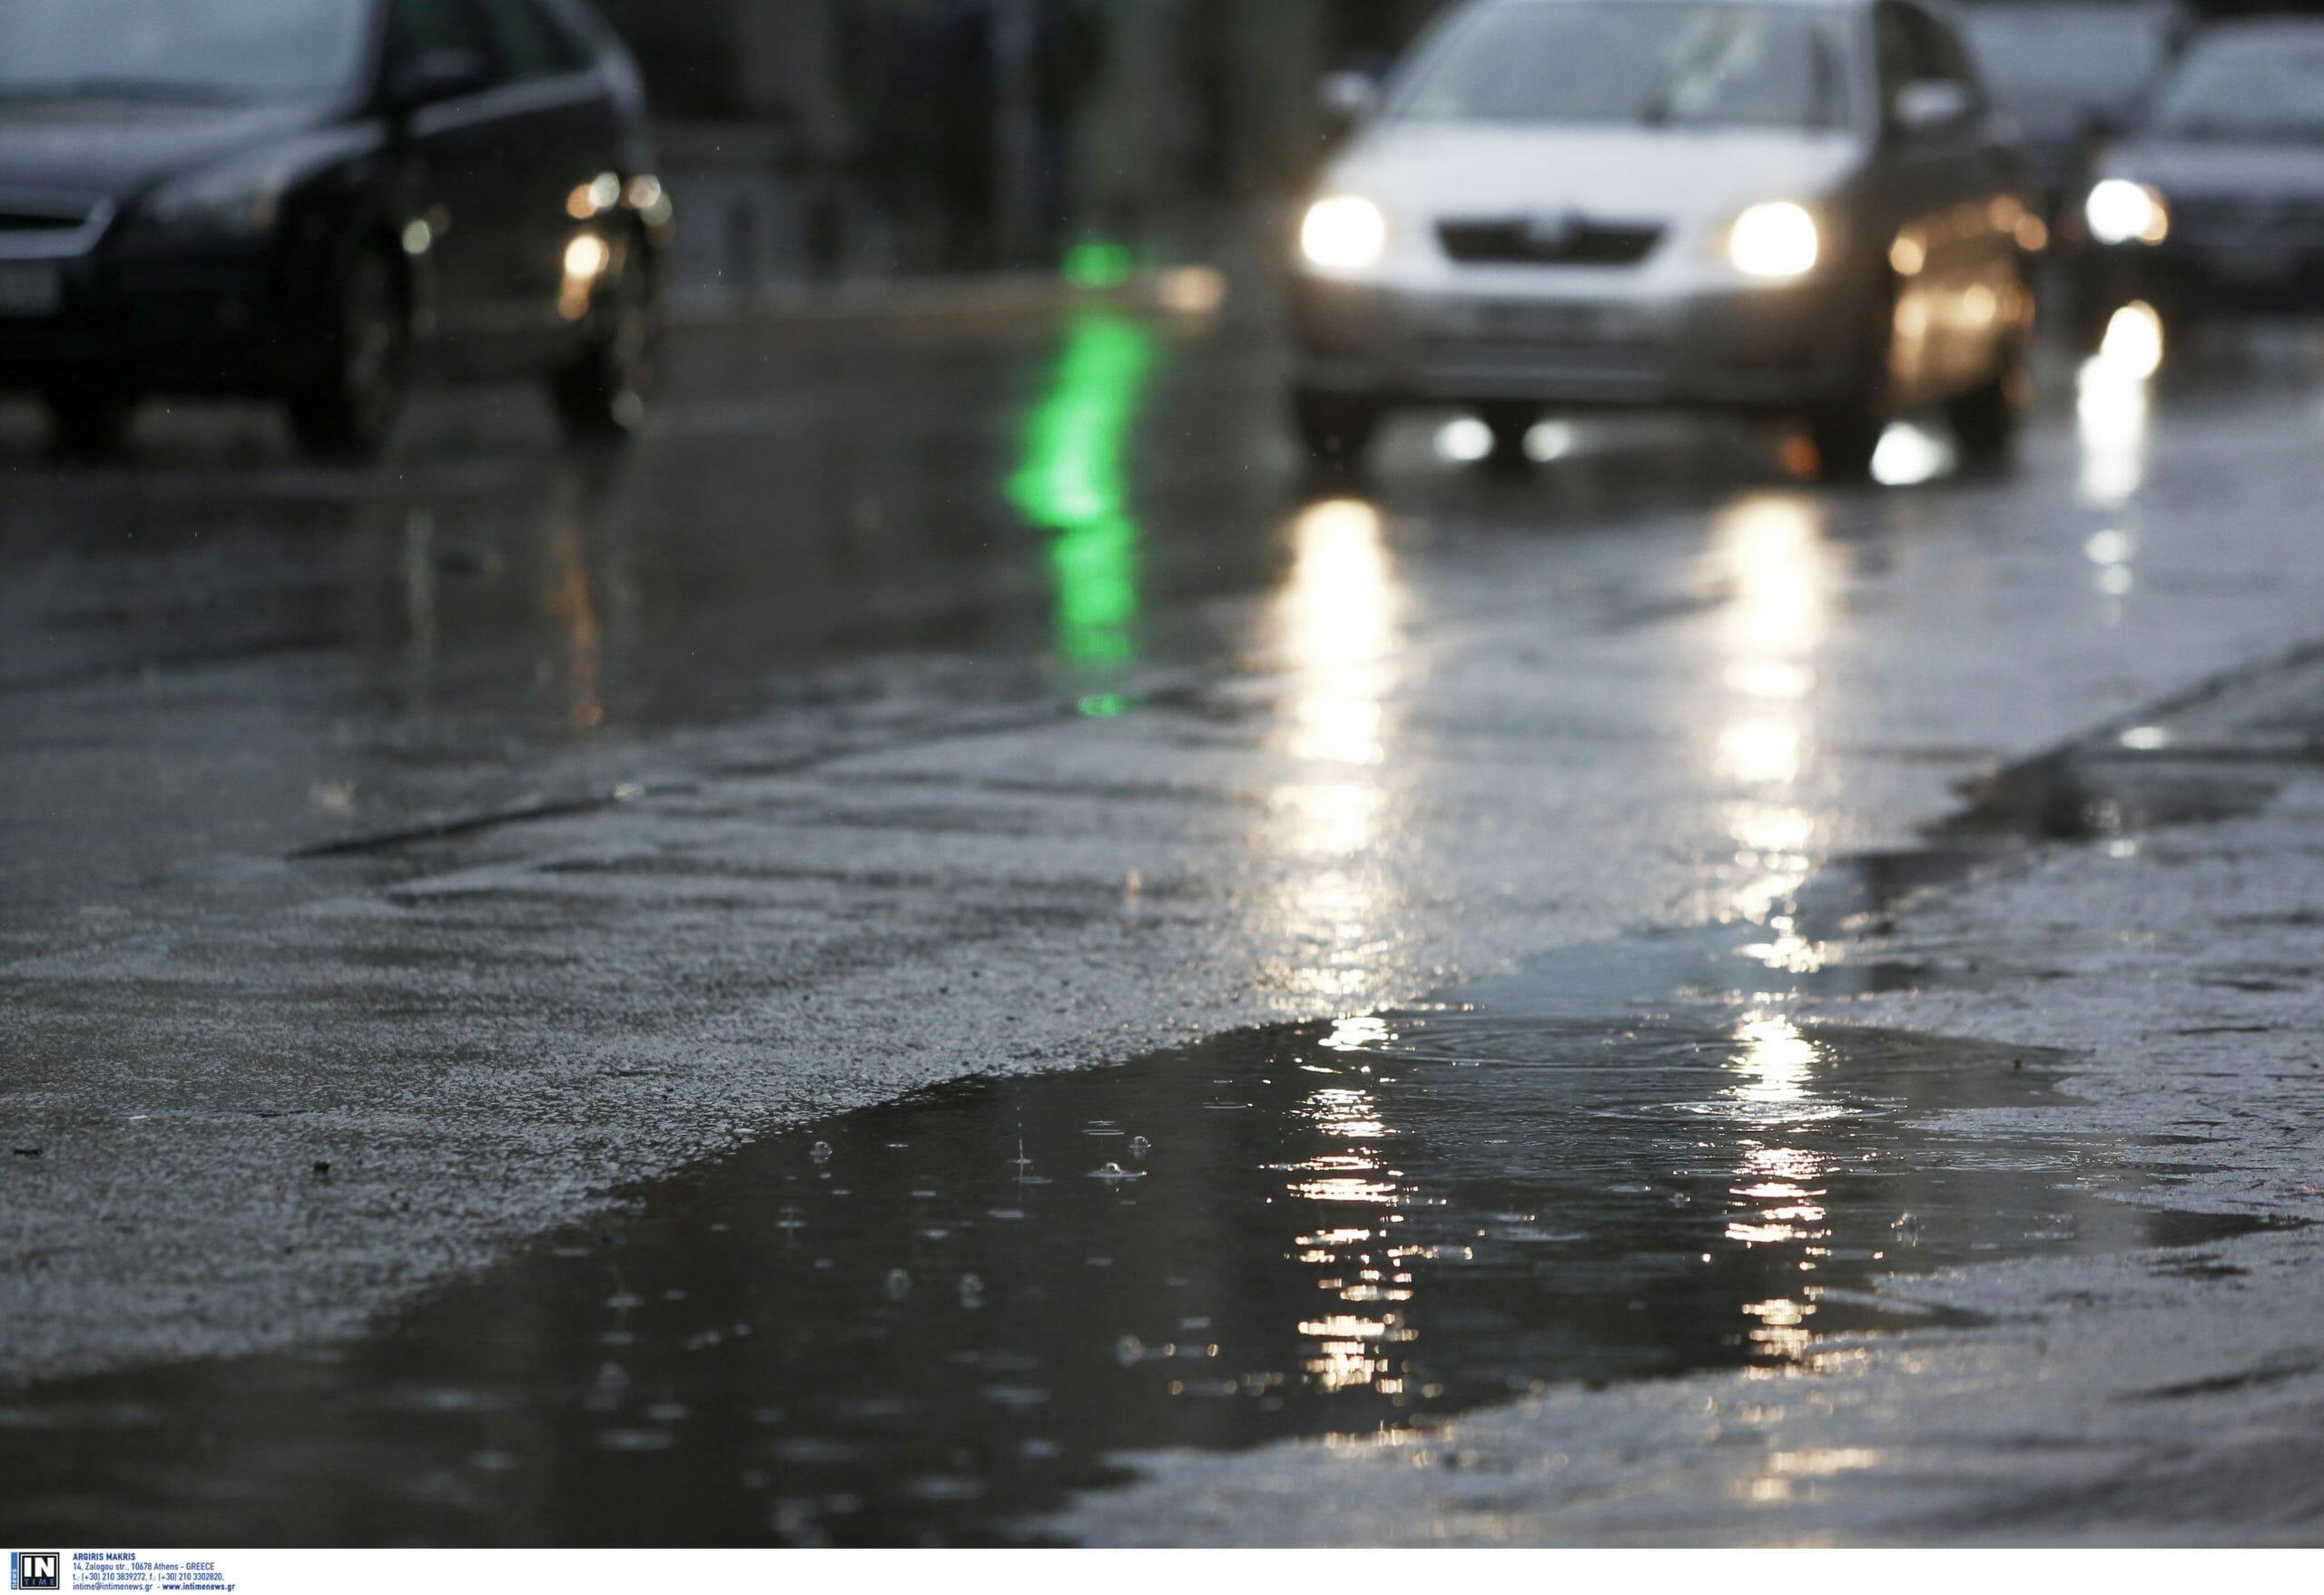 Καιρός: Σκωτσέζικο ντους! Βροχές και χιόνια την Πέμπτη - Πέφτει η θερμοκρασία